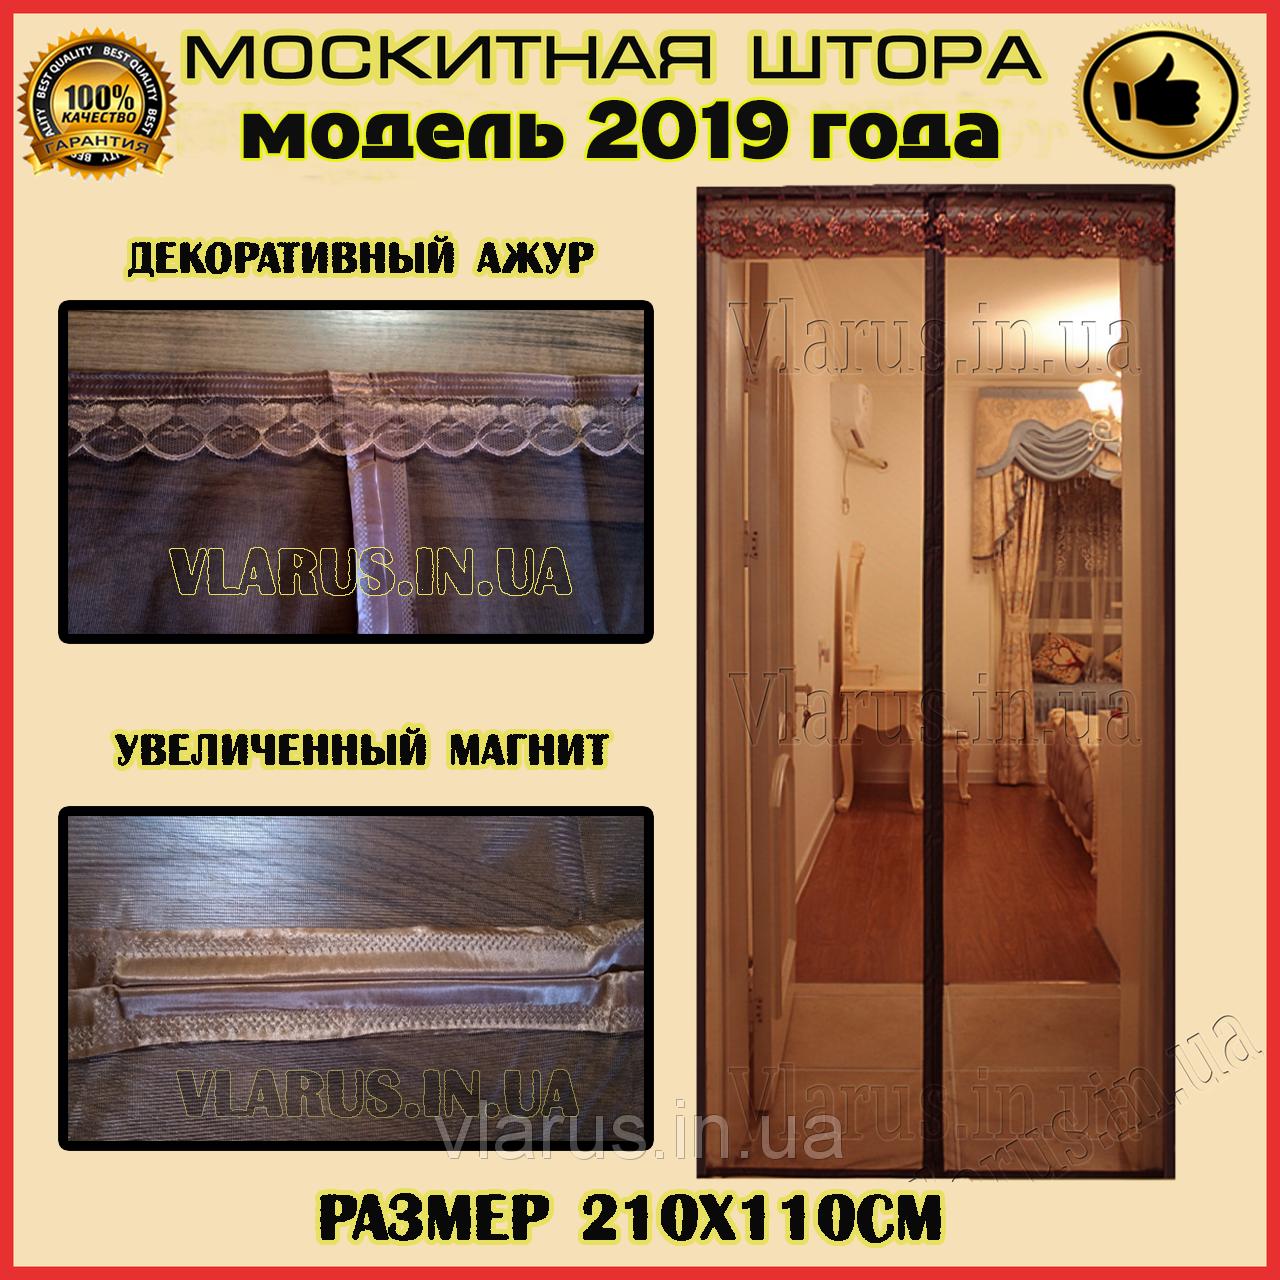 Дверная штора сетка магнитная